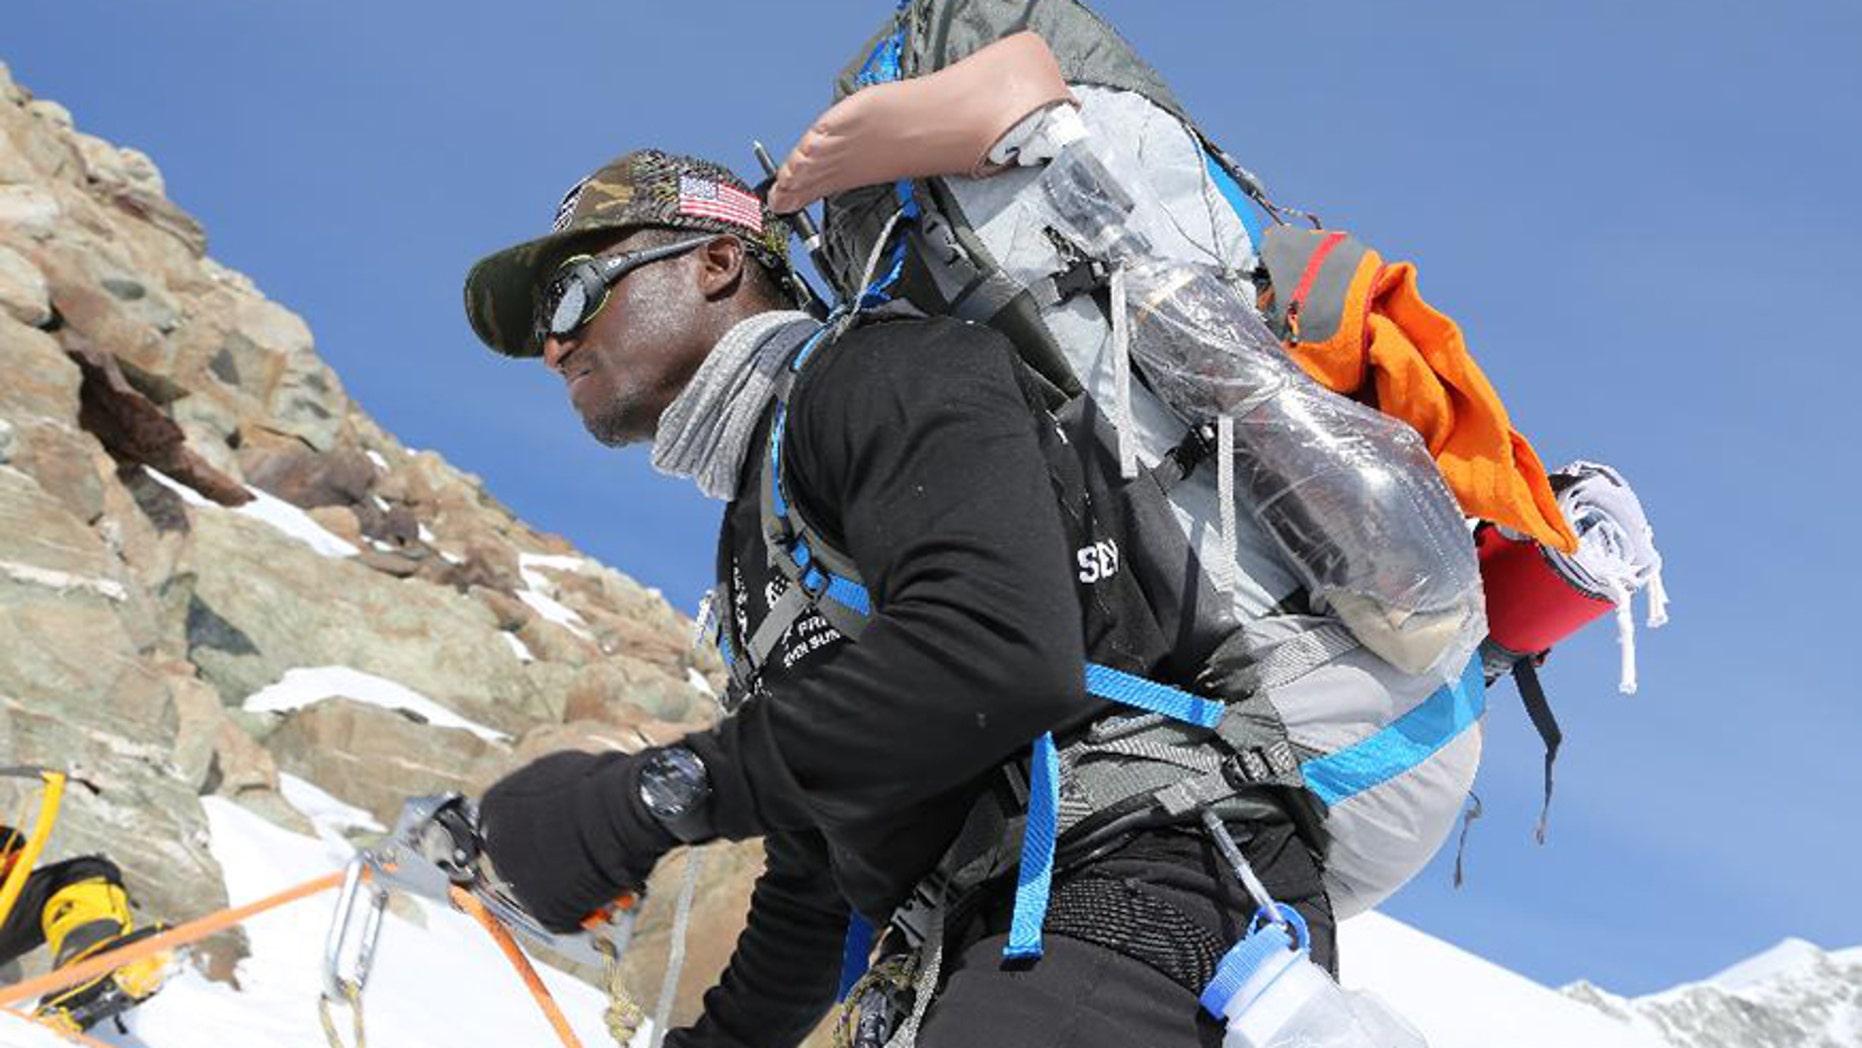 Cpl. Kionte Storey during a recent climb.